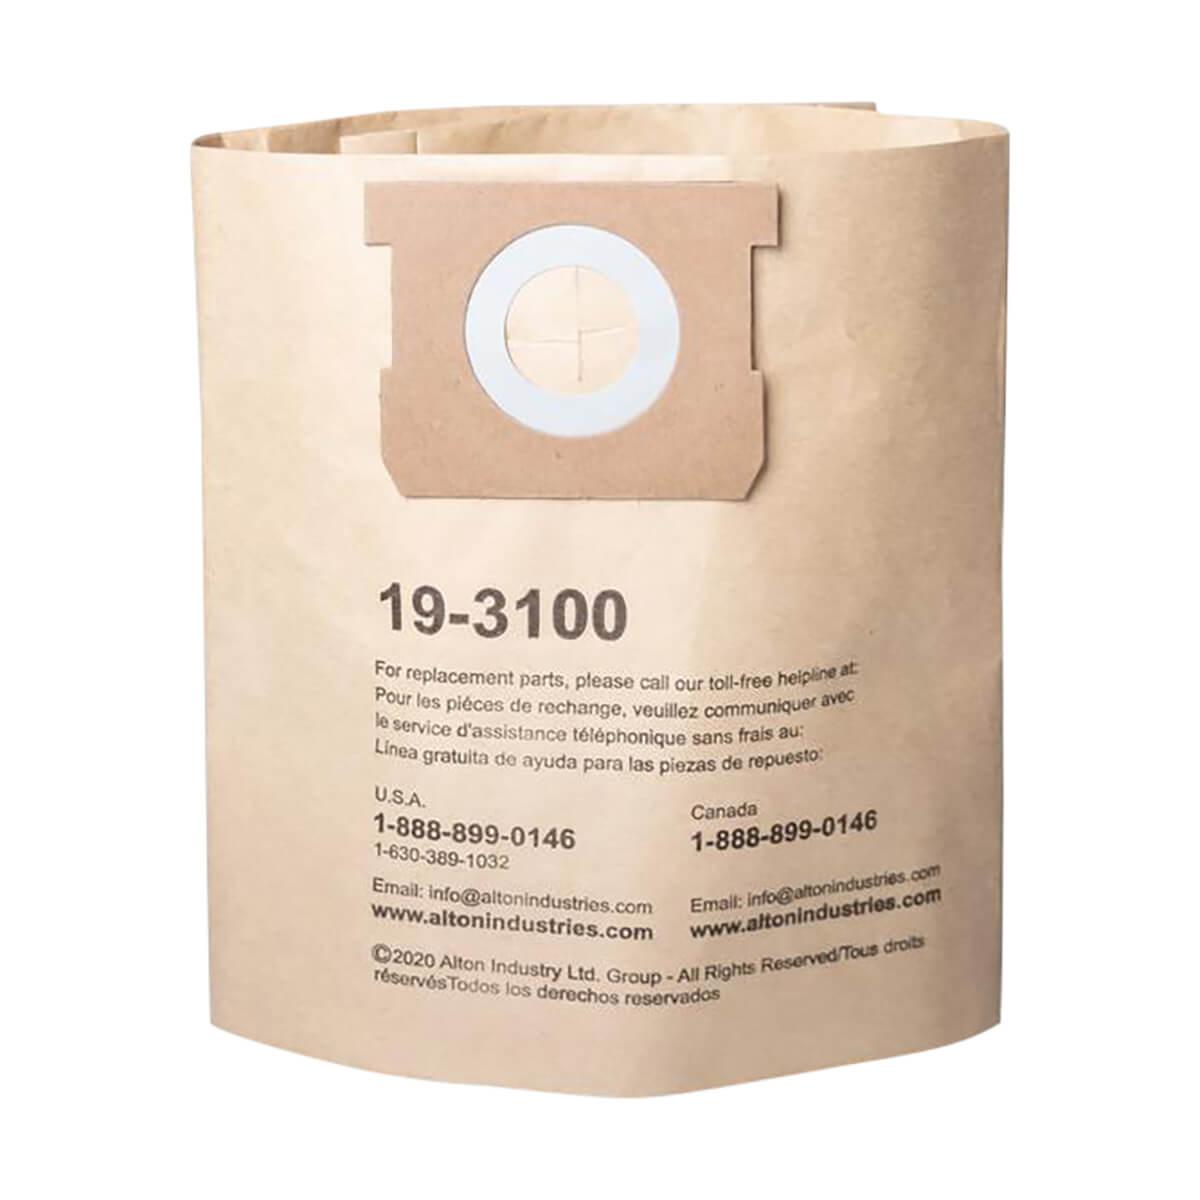 Disposable Vacuum Filter Bag - 4-8 Gal - 3 pack